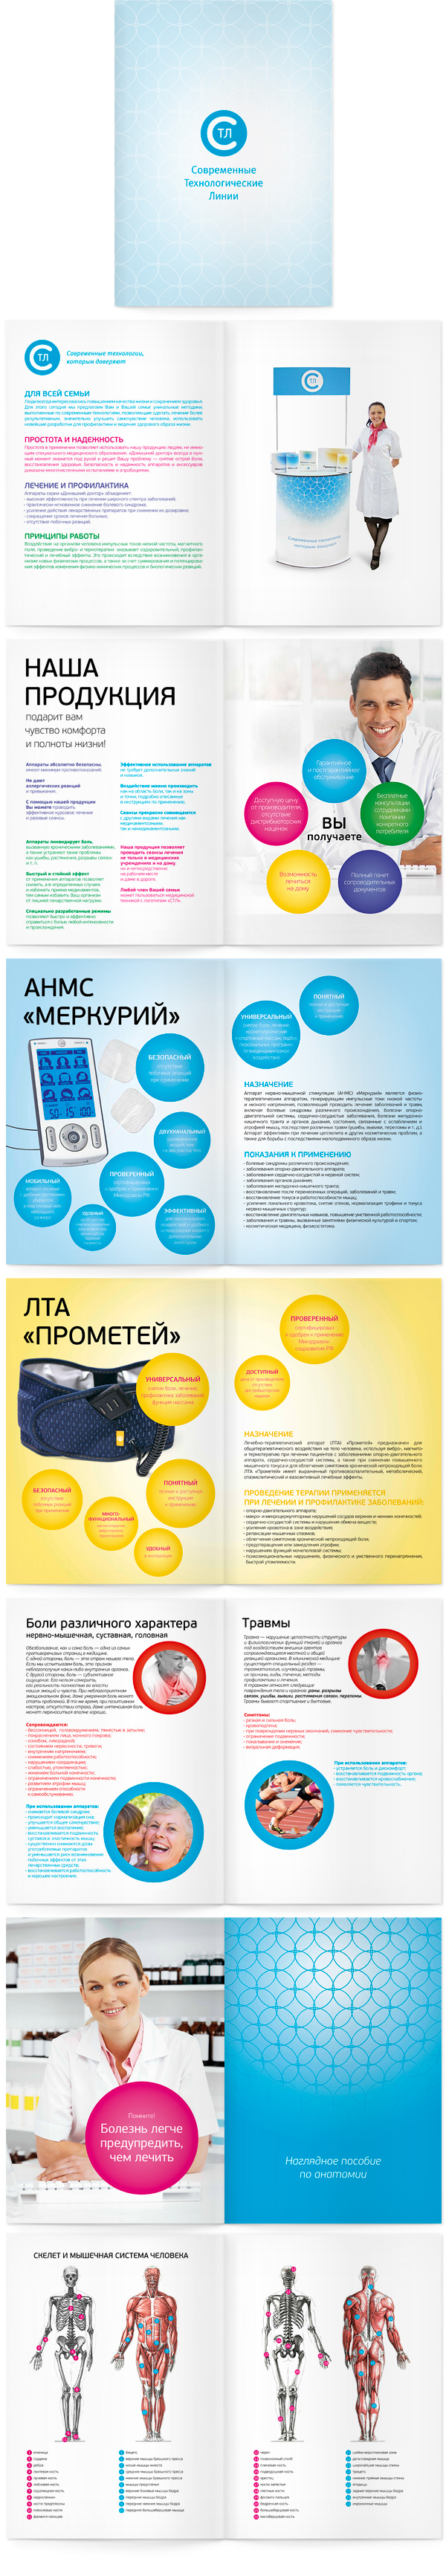 презетационный каталог компании